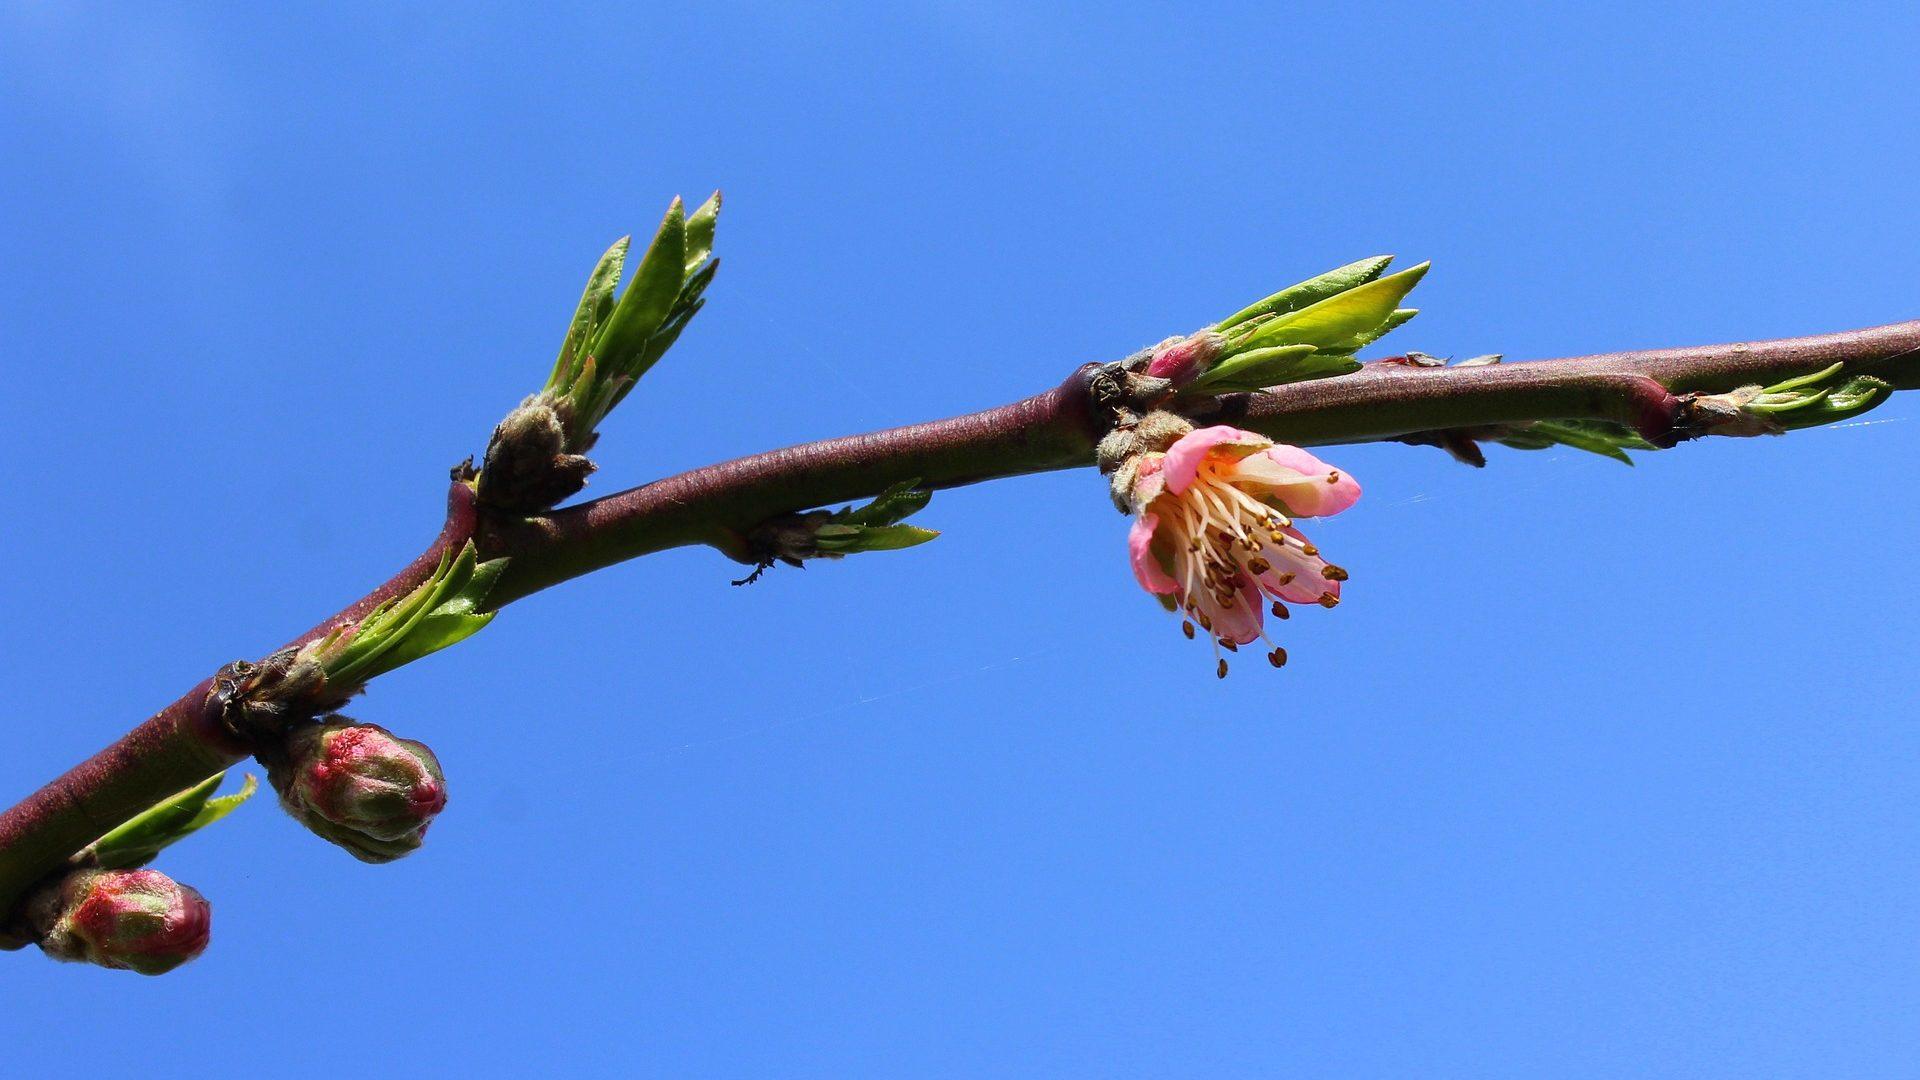 peach blossom-3314627_1920